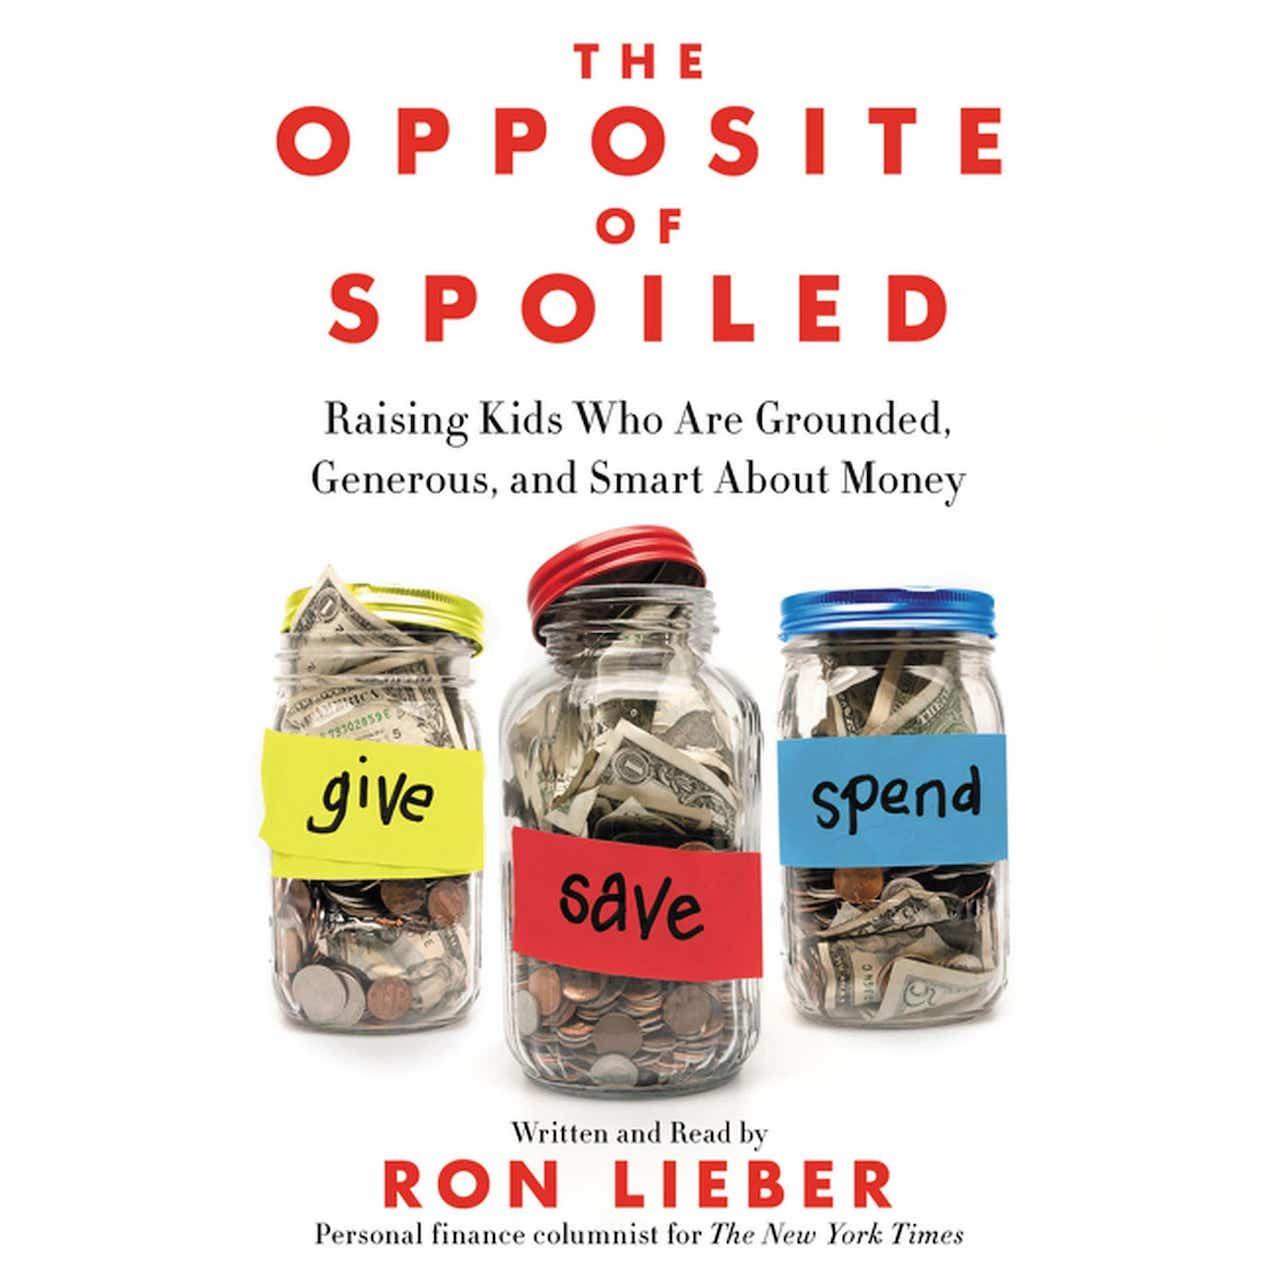 Libri di educazione finanziaria - The opposite of spolied